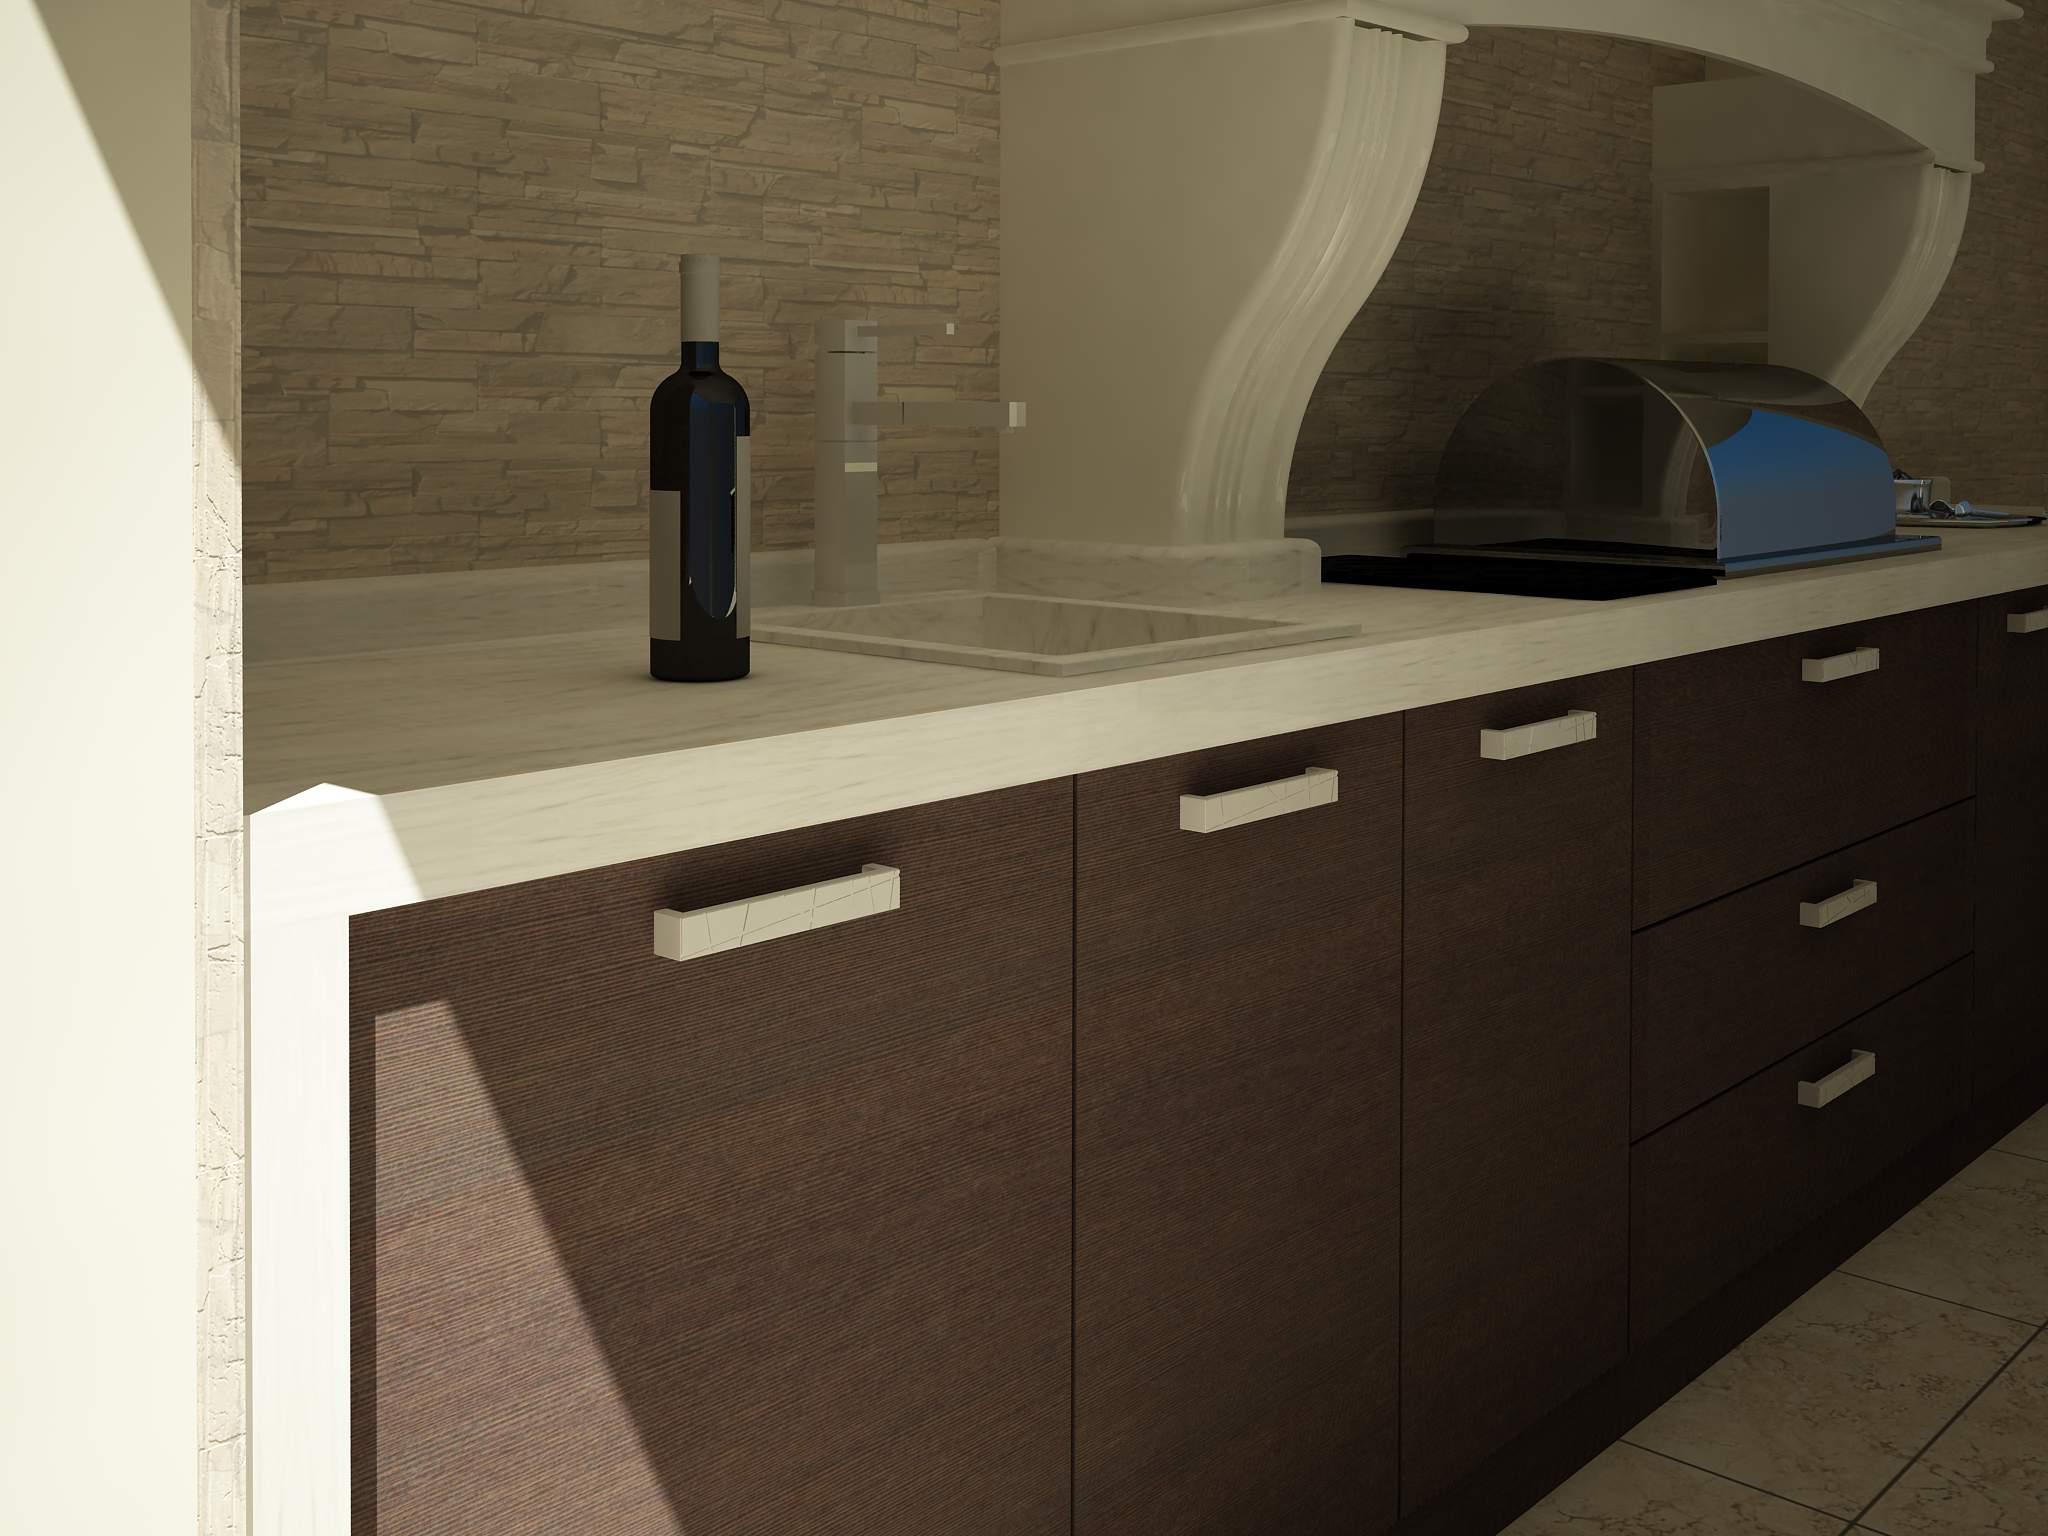 Cuisine Rinko Interior Ltd Rinko Interior Ltd  # Muebles Deutsch